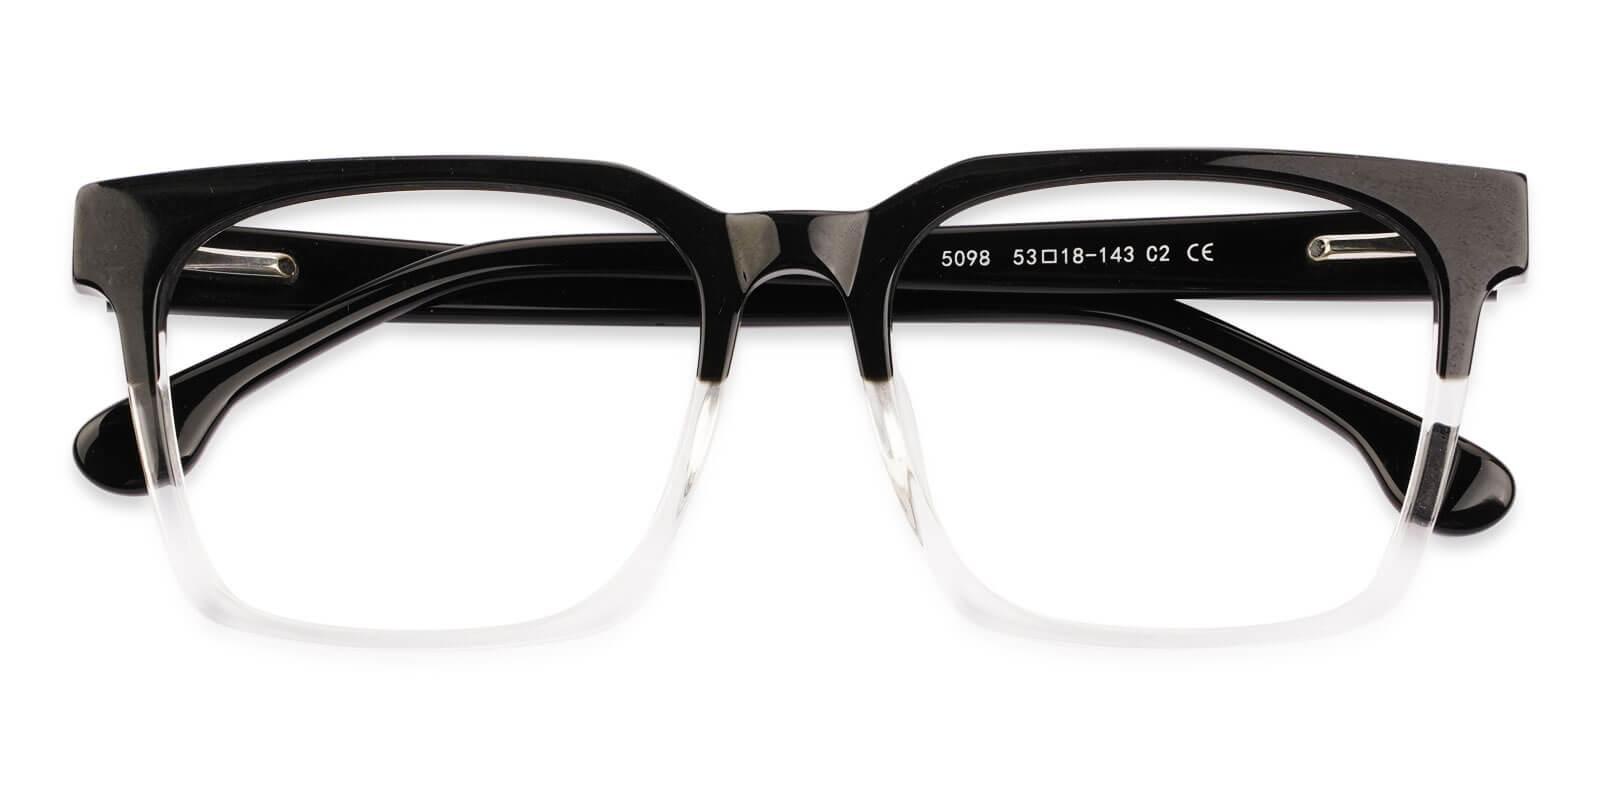 Gilbert Translucent Acetate Eyeglasses , UniversalBridgeFit Frames from ABBE Glasses